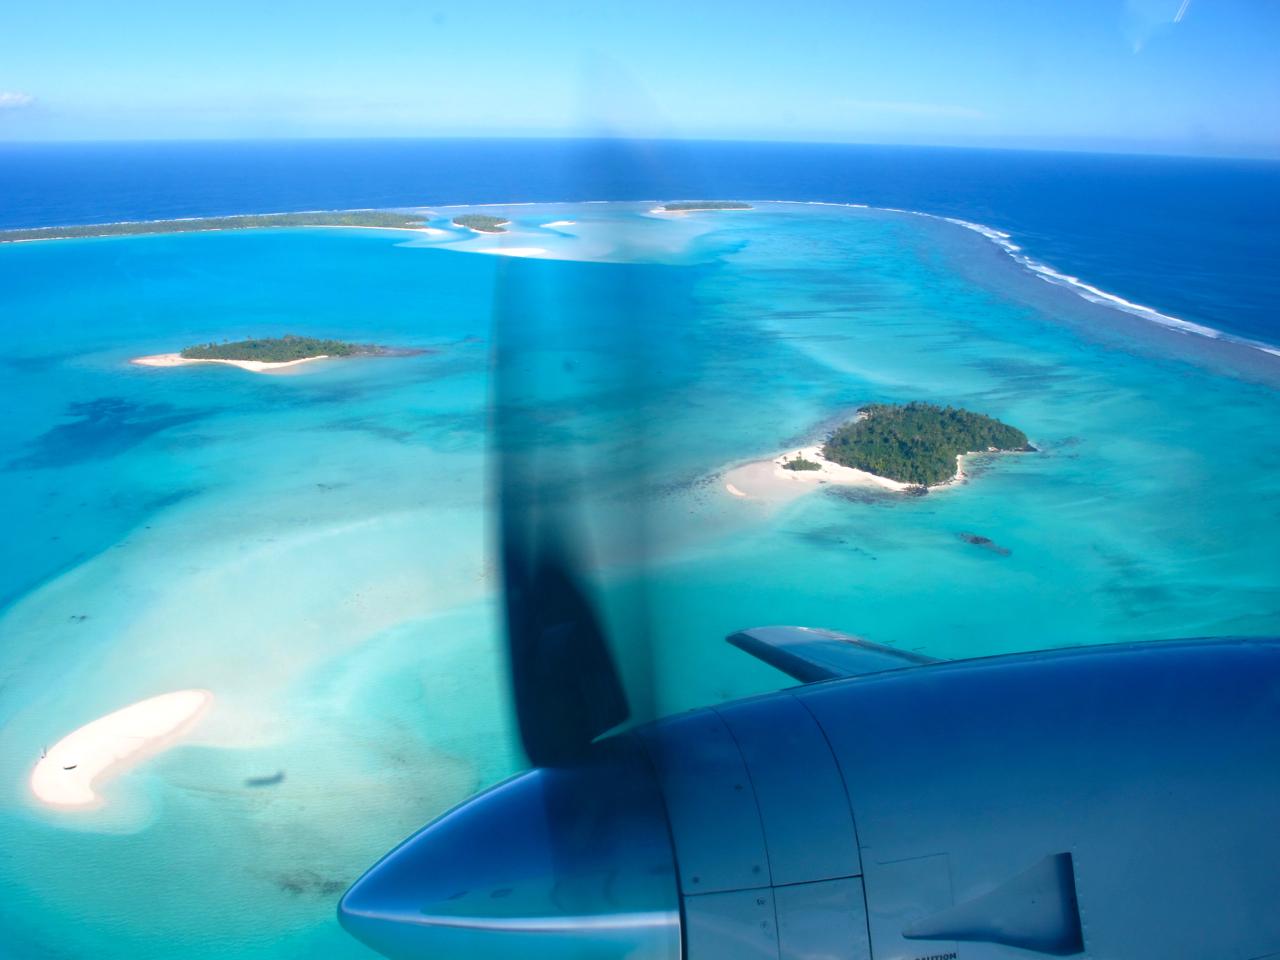 Aitutaki 3 aerial photograph